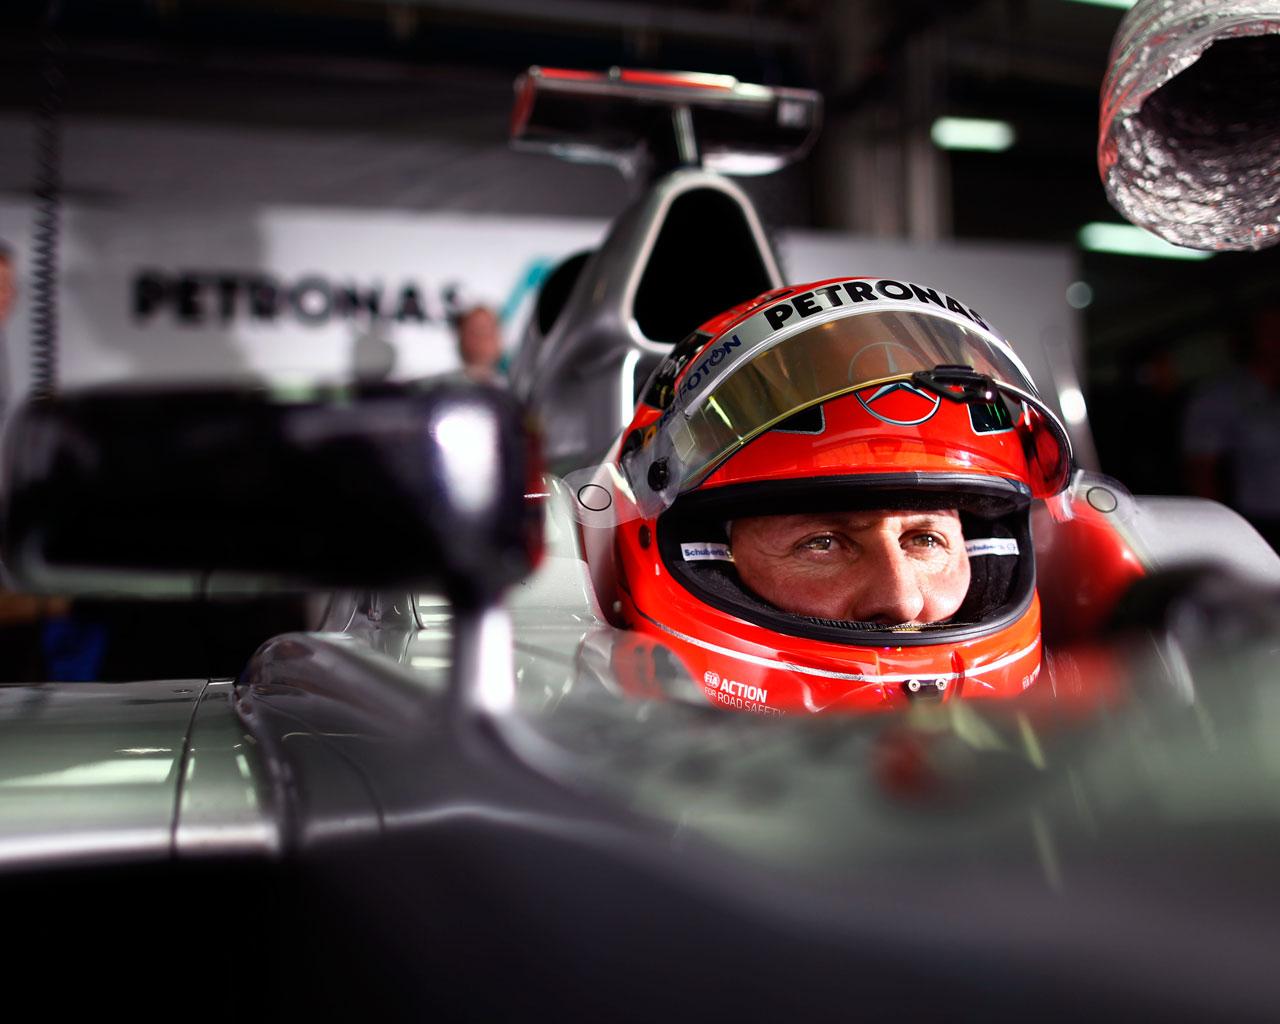 Michael Schumacher Images Michael Schumacher HD Wallpaper